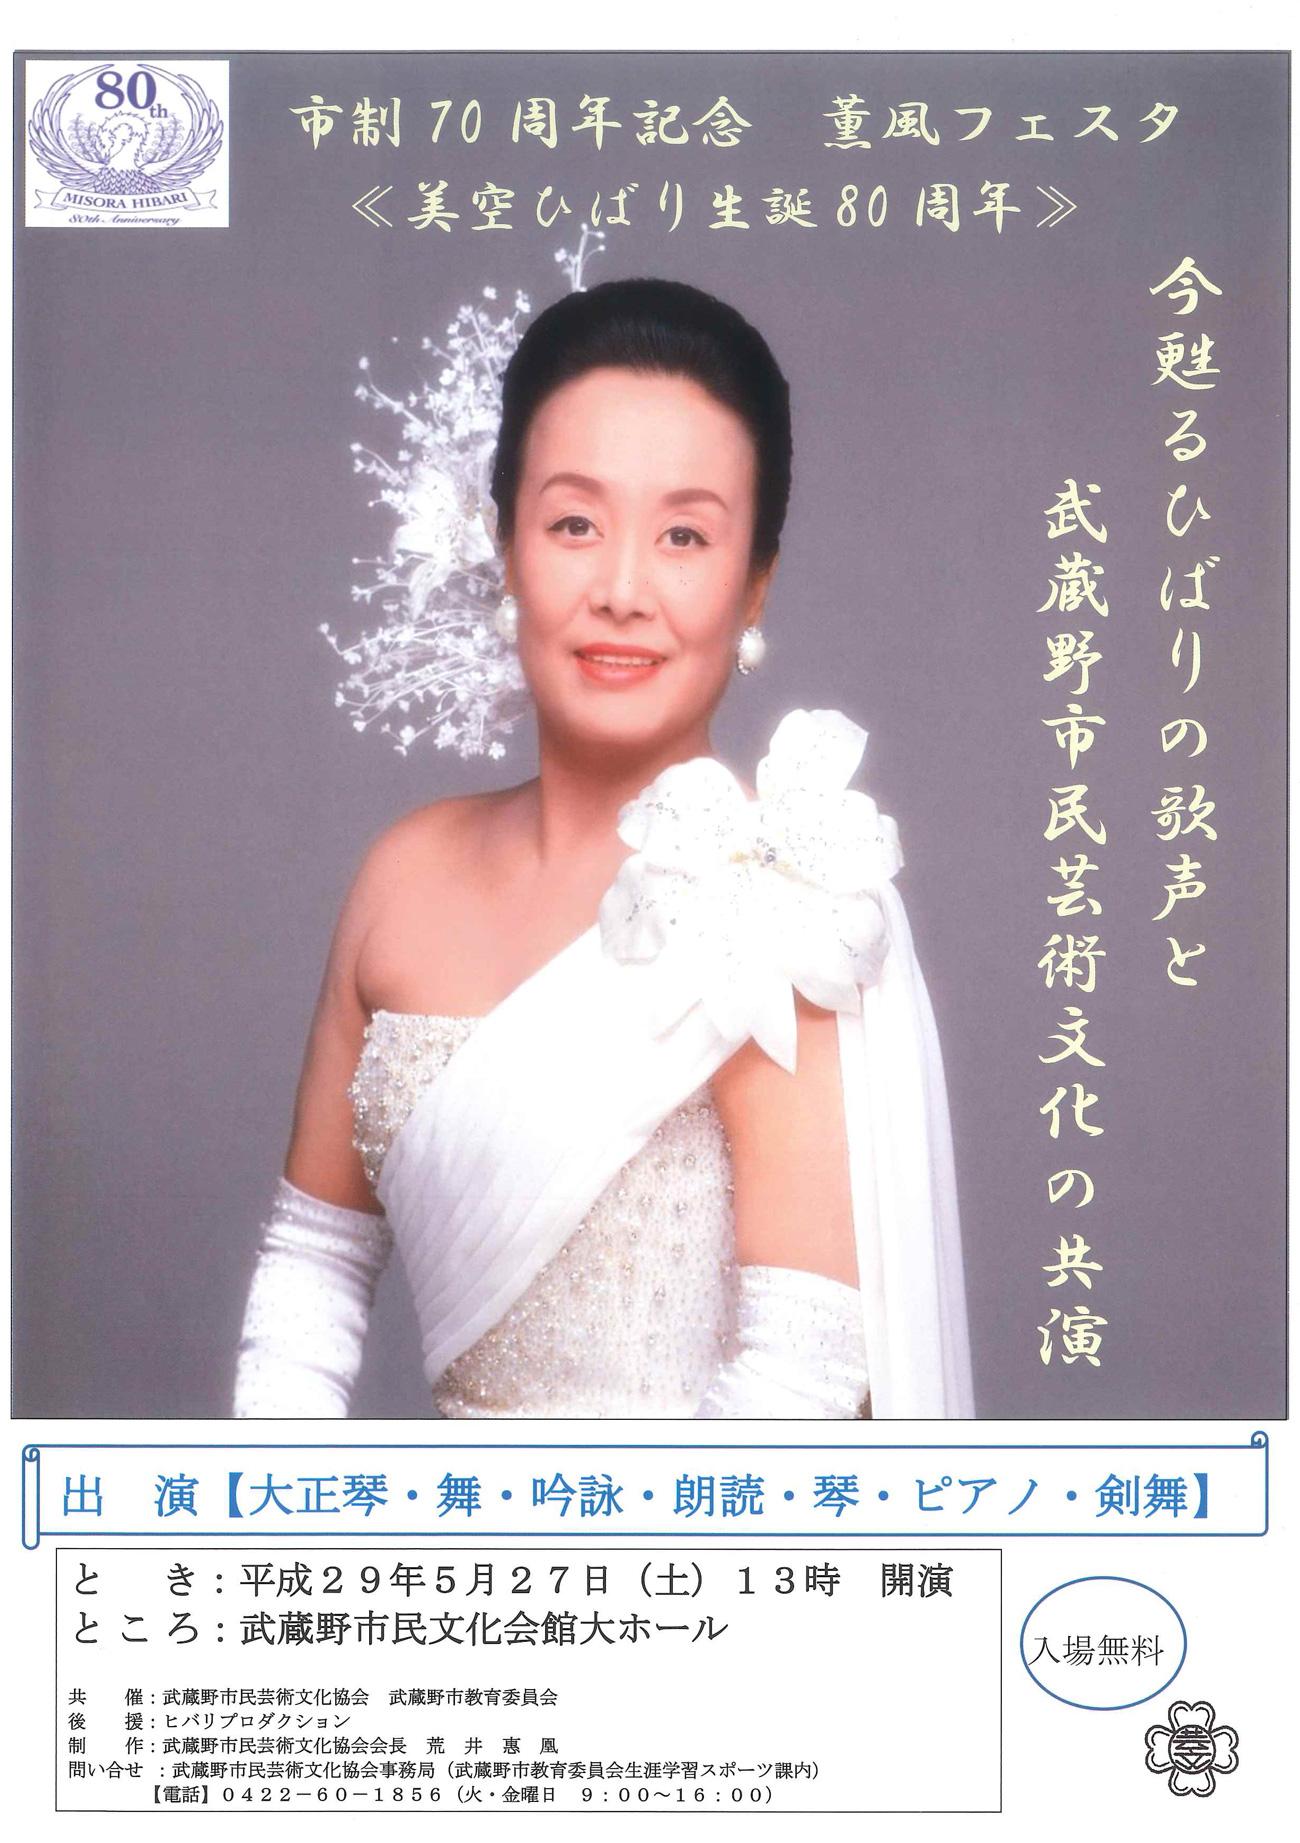 【㊗美空ひばり生誕80周年】市制70周年記念 薫風フェスタ